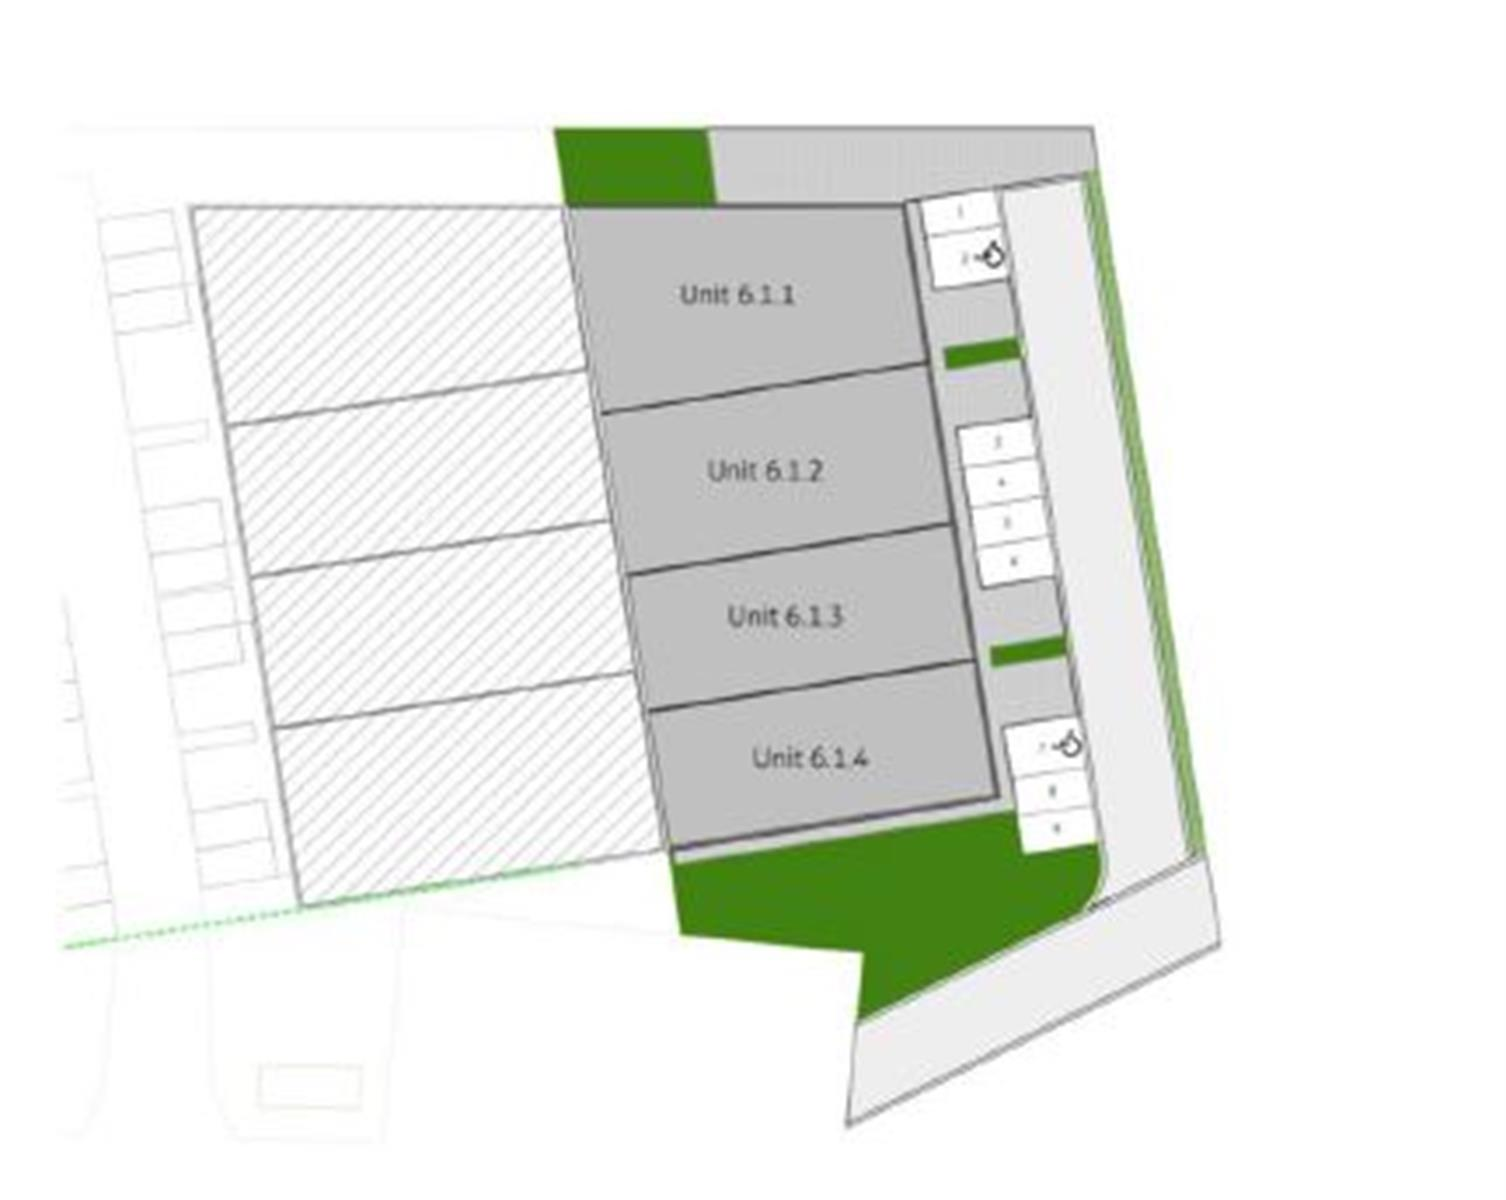 KMO-unit te koop UNIT 6.1.2 - Bollaarstraat 6, 2500 Lier, België 1